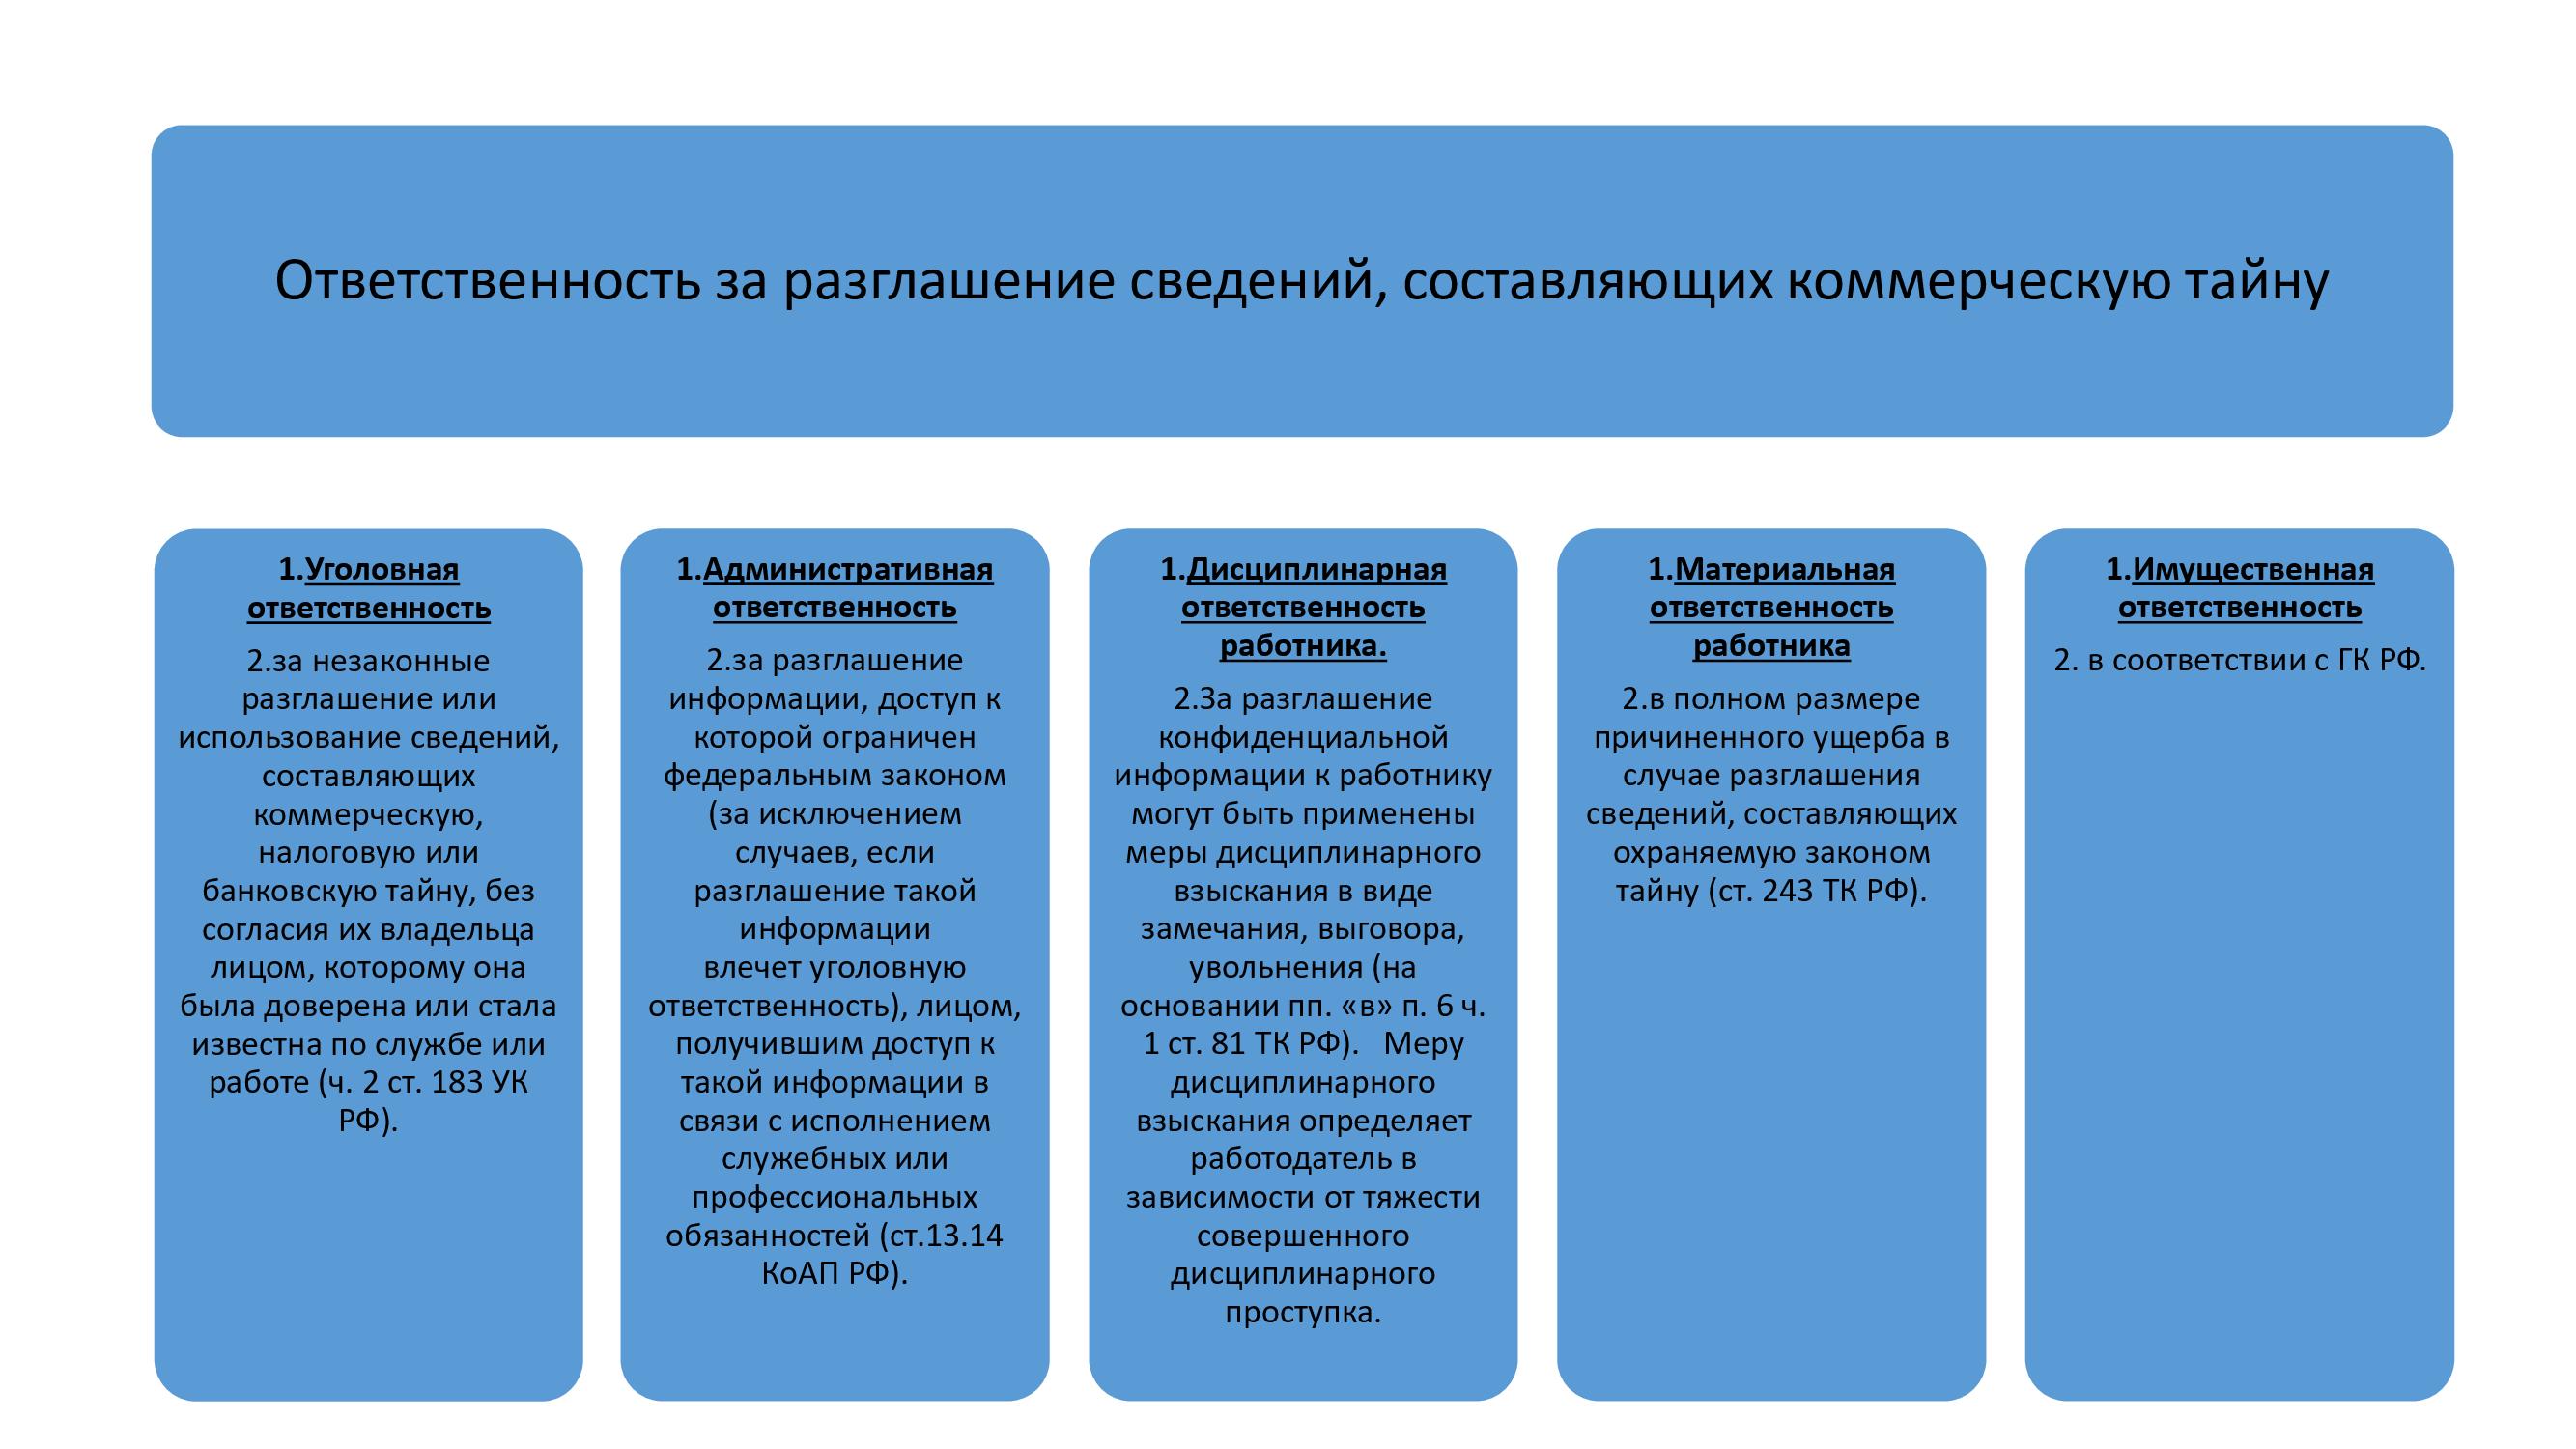 Договор о неразглашении коммерческой информации